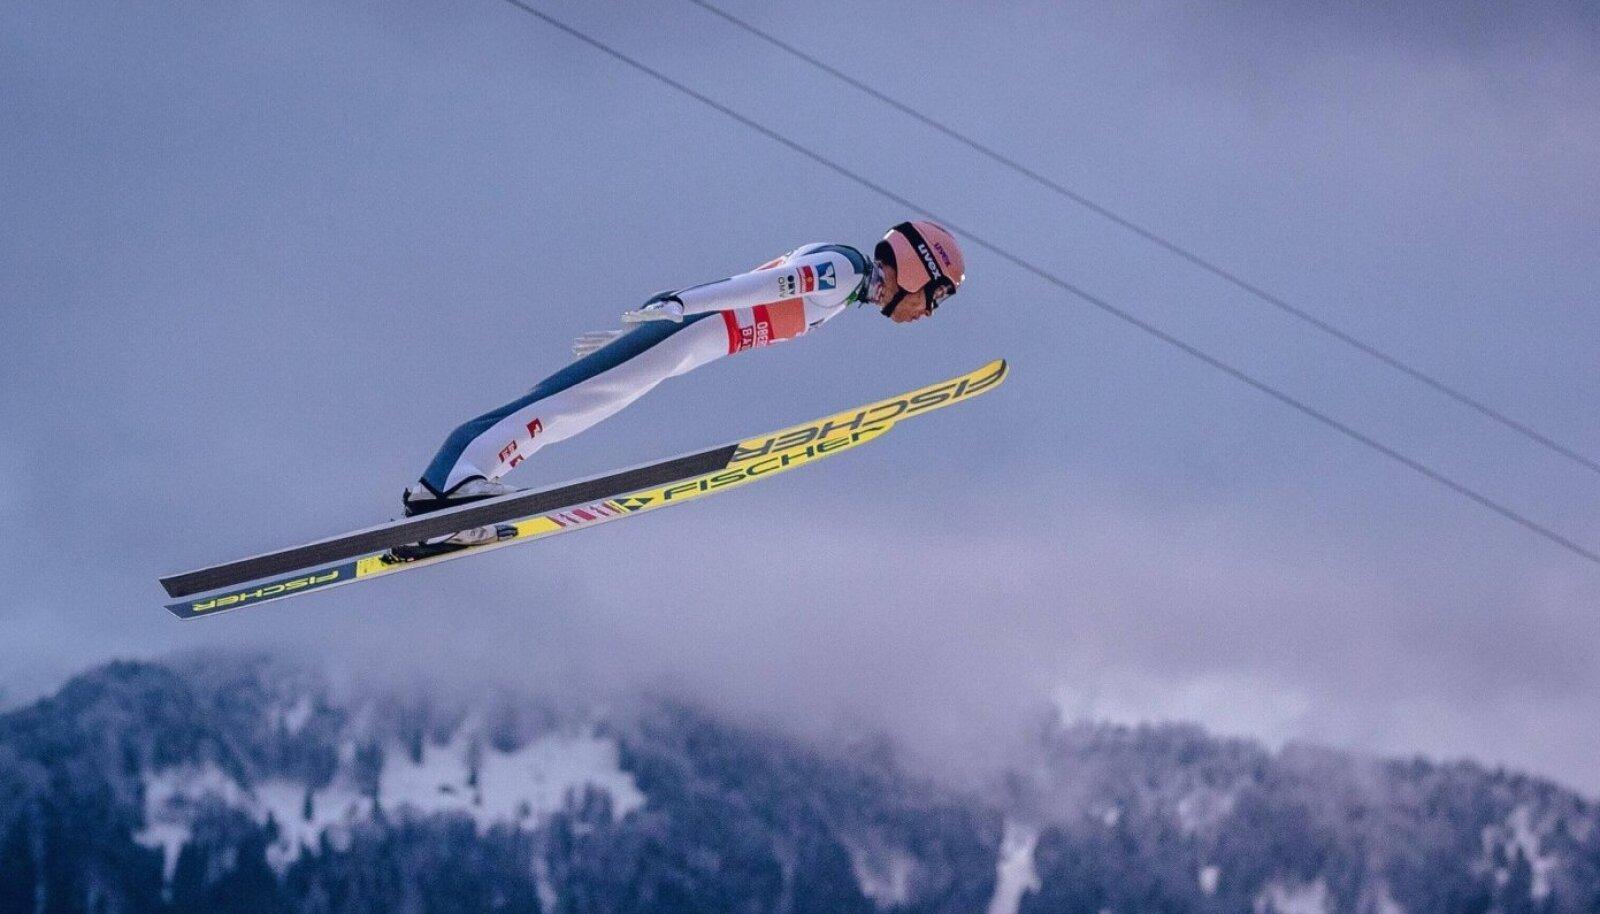 28.12.2019, Schattenbergschanze, Oberstdorf, GER, FIS Weltcup Skisprung, Vierschanzentournee, Oberstdorf, Qualifikation,